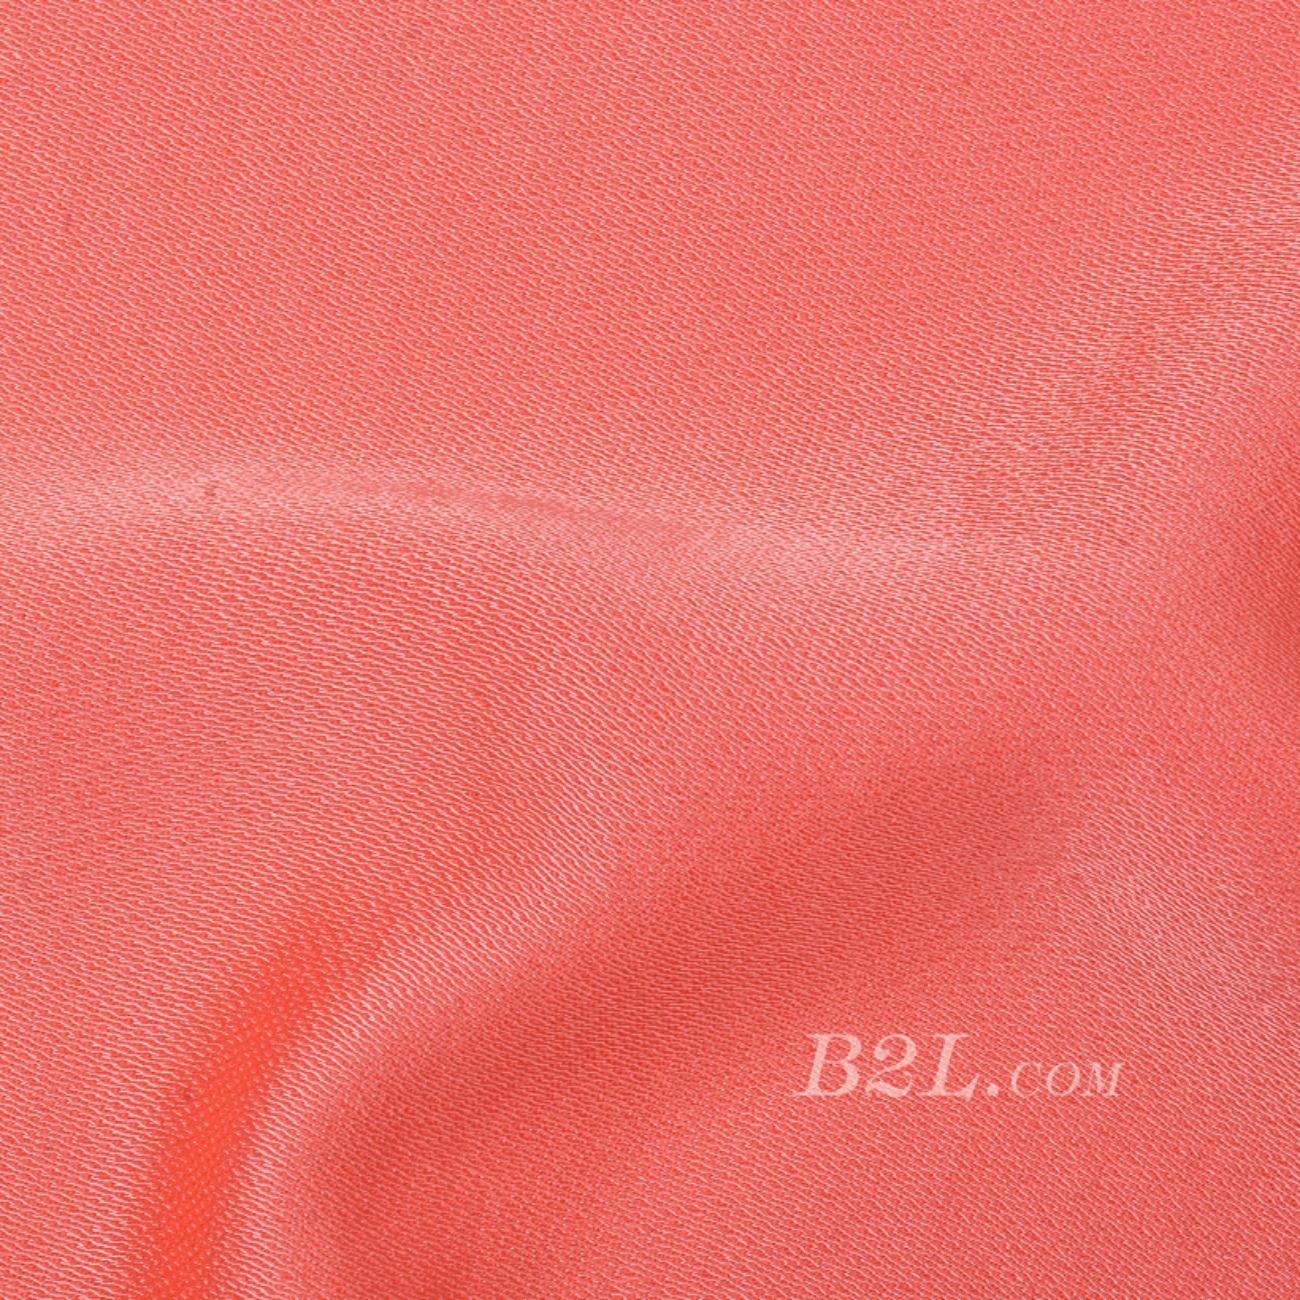 素色 梭织 染色 春夏 连衣裙 T恤 时装 女装 91016-7